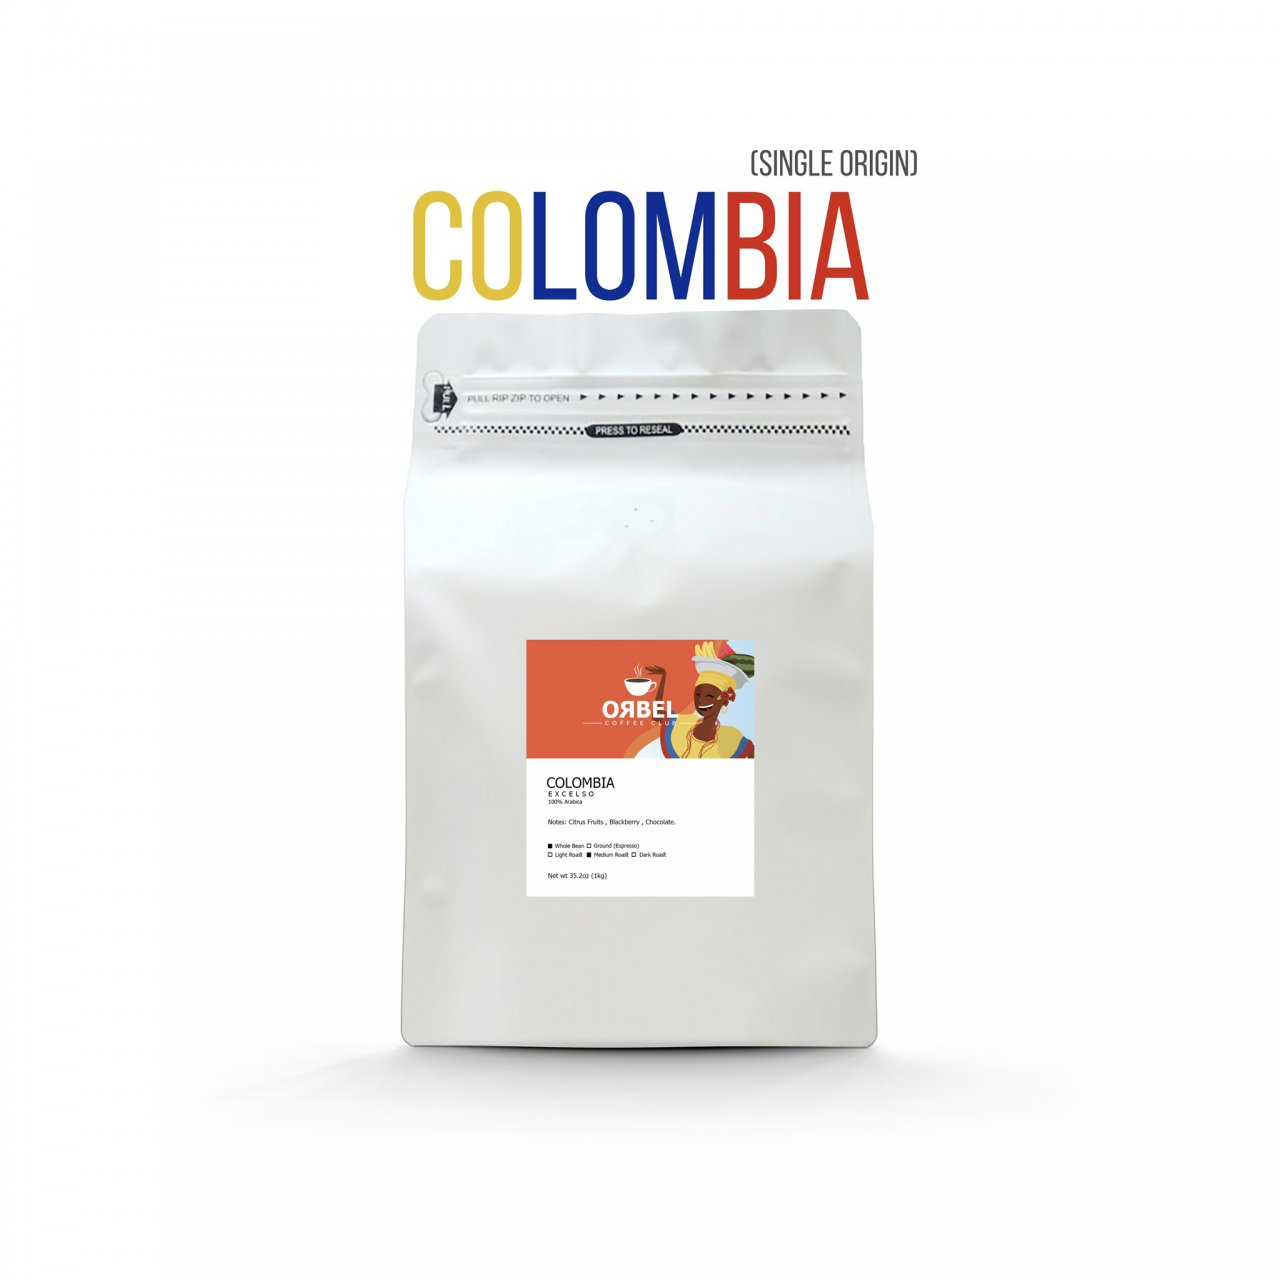 دانه قهوه اربل مدل کلمبیا اکسلسو سینگل اورجین 1 کیلوگرم